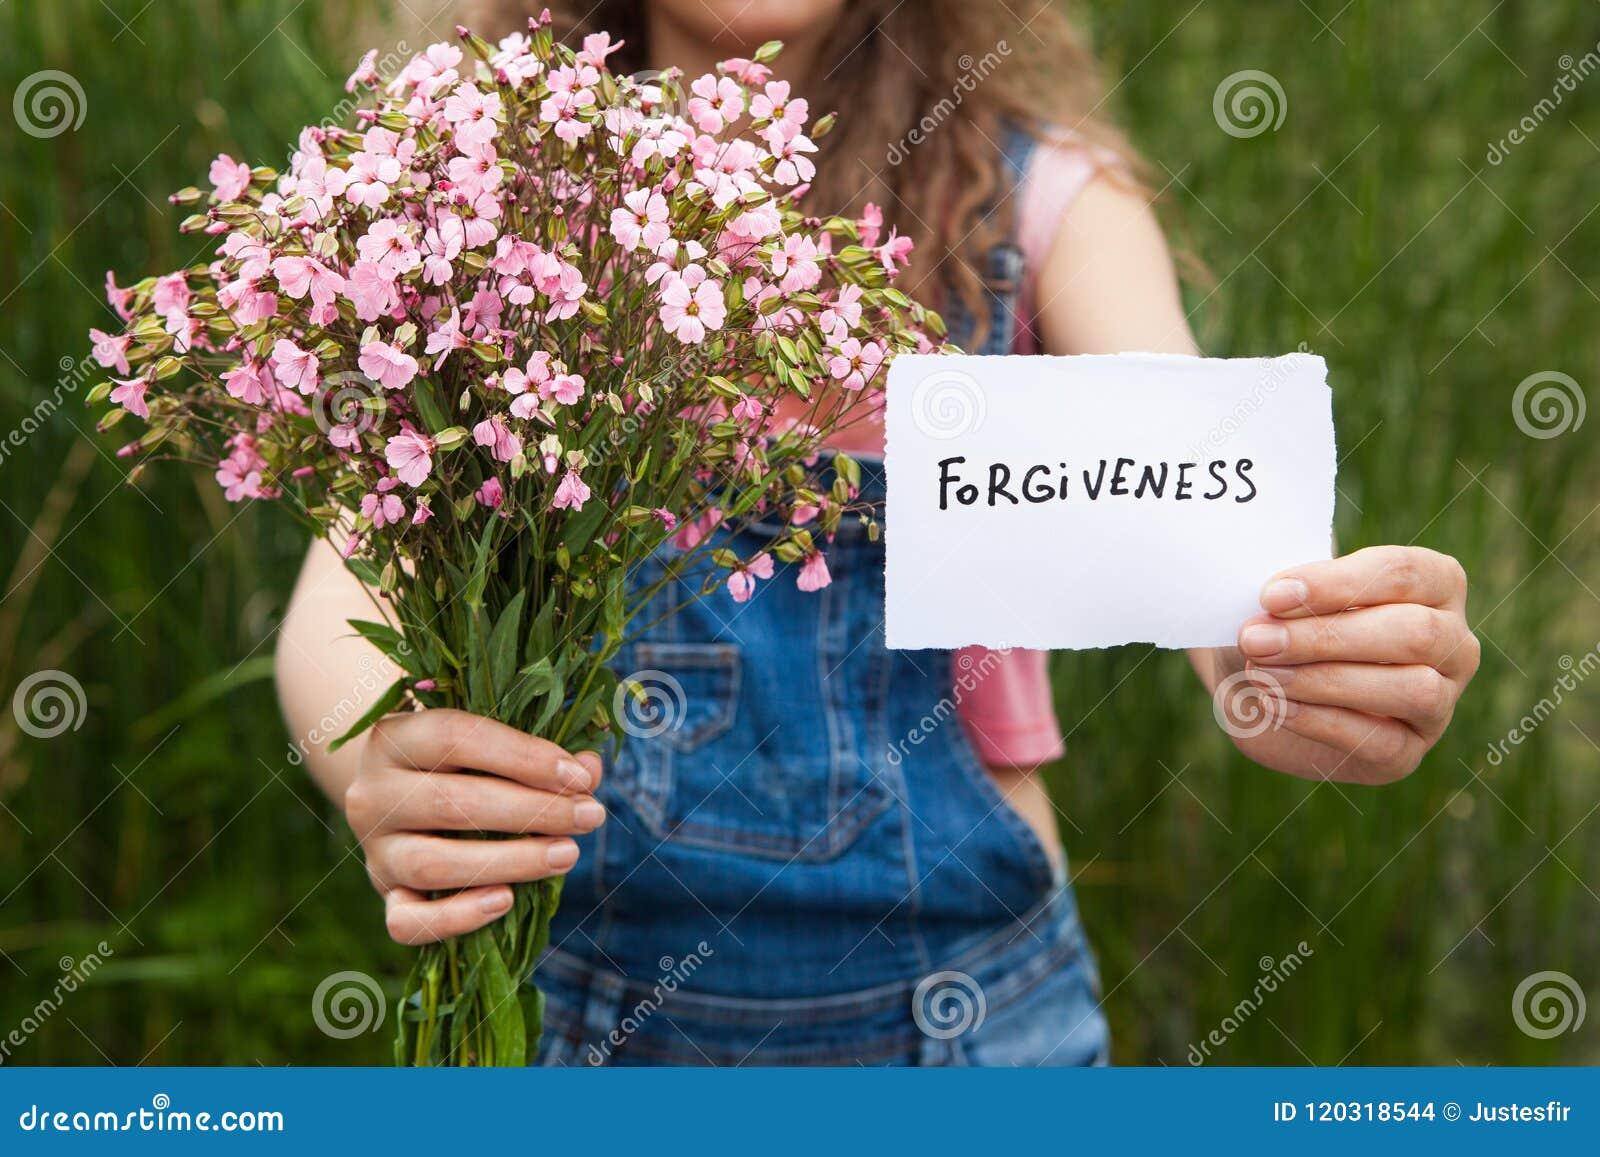 Perdono - donna con la parola ed il mazzo dei fiori rosa